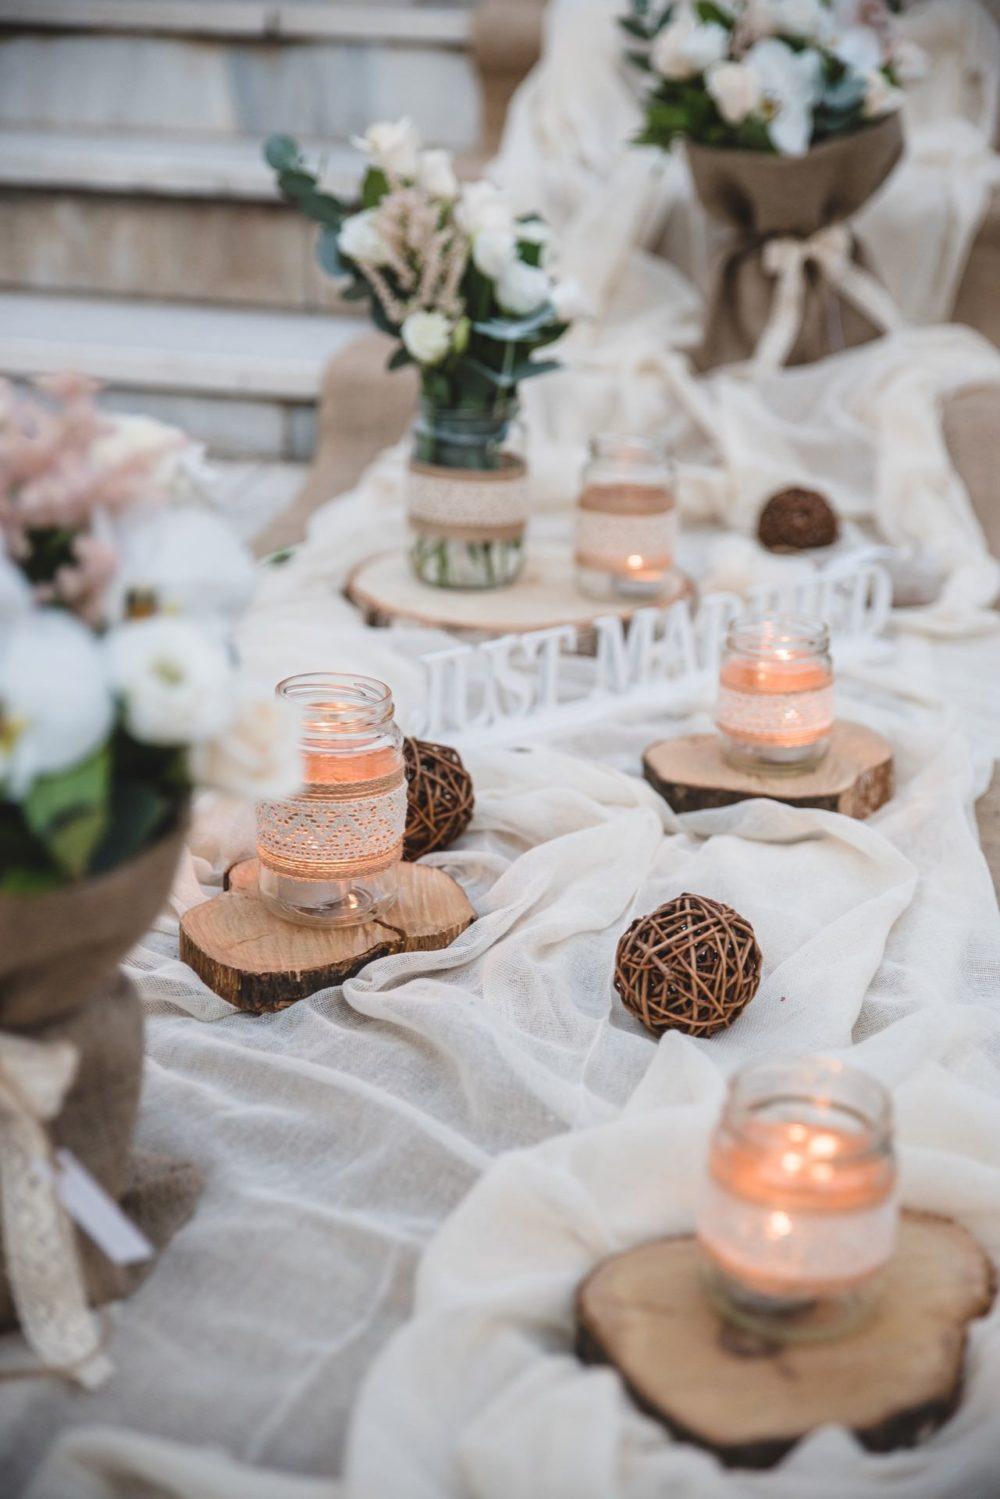 Fotografisi Gamou Wedding Gamos Fotografos Ilias & Dimitra044